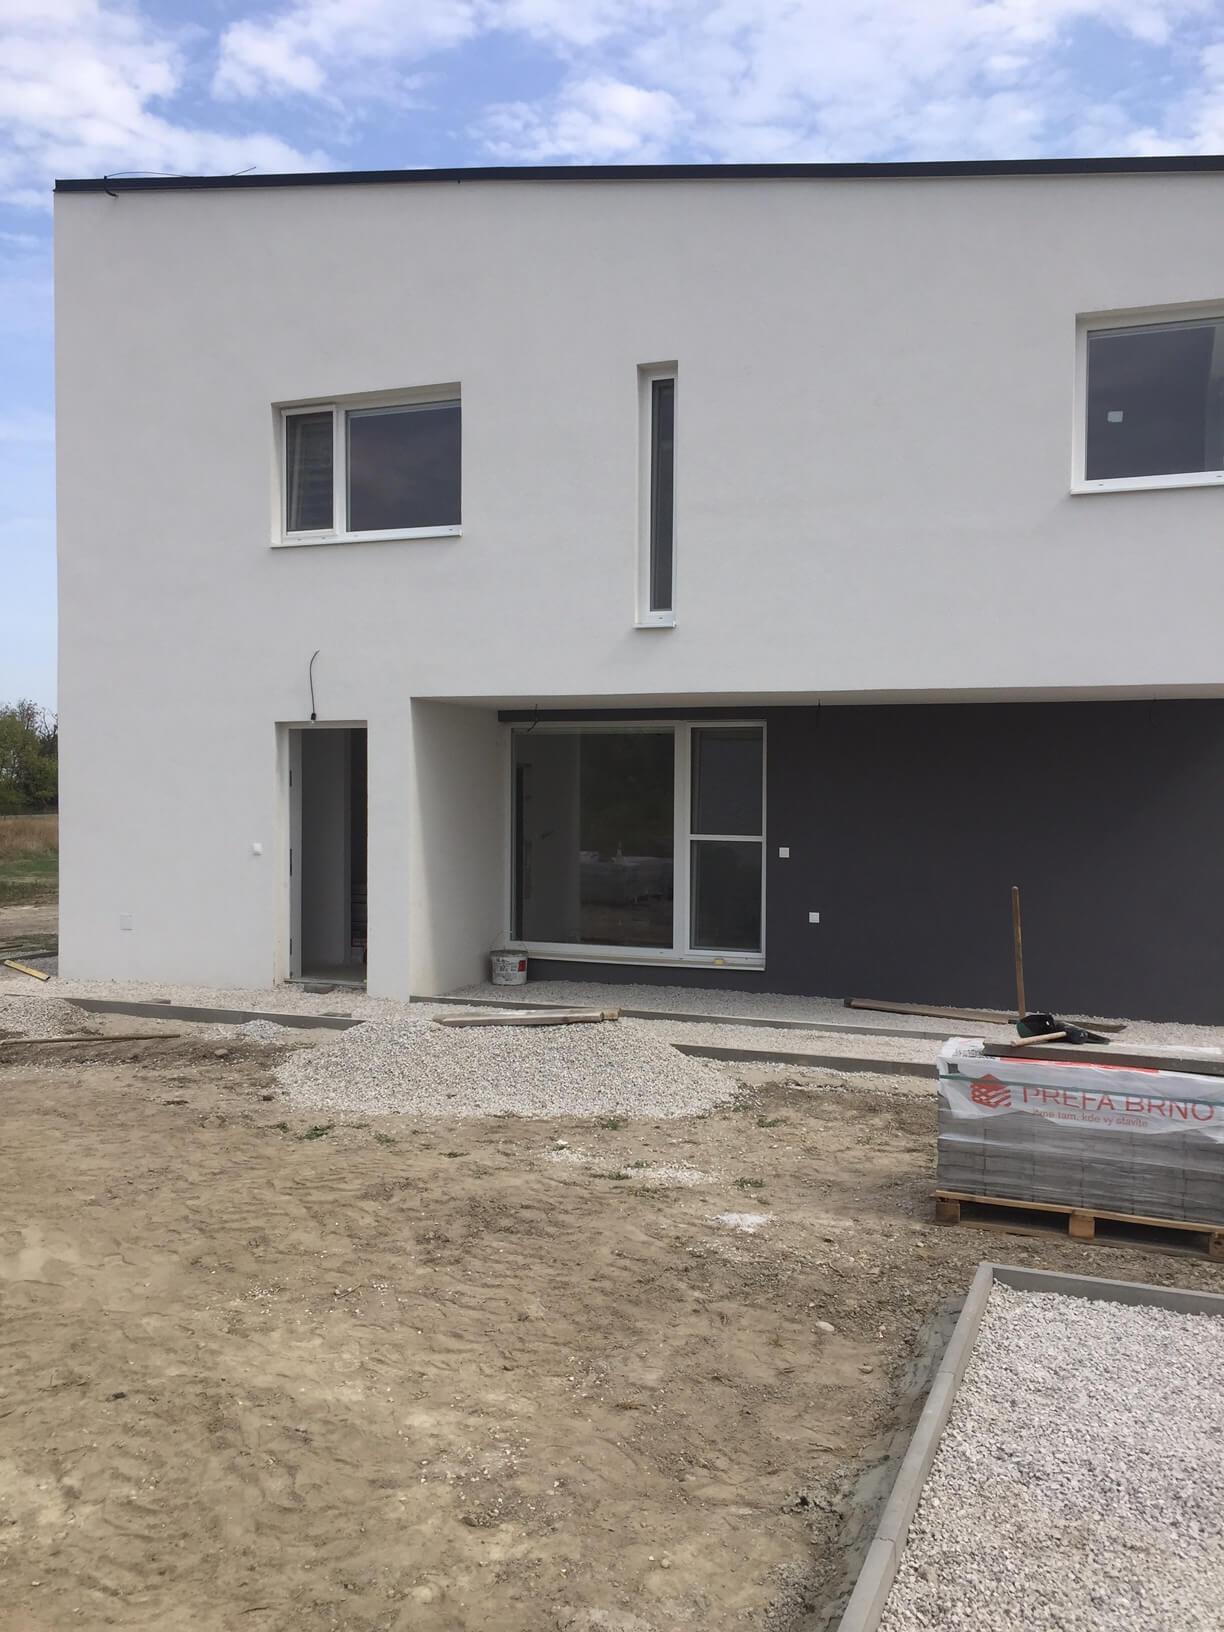 Predané: Posledný Rodinný dom v Dunajskej Lužnej v tichej lokalite, pri Košariskách, pri vlaku, 106m2, pozemok 422m2-15